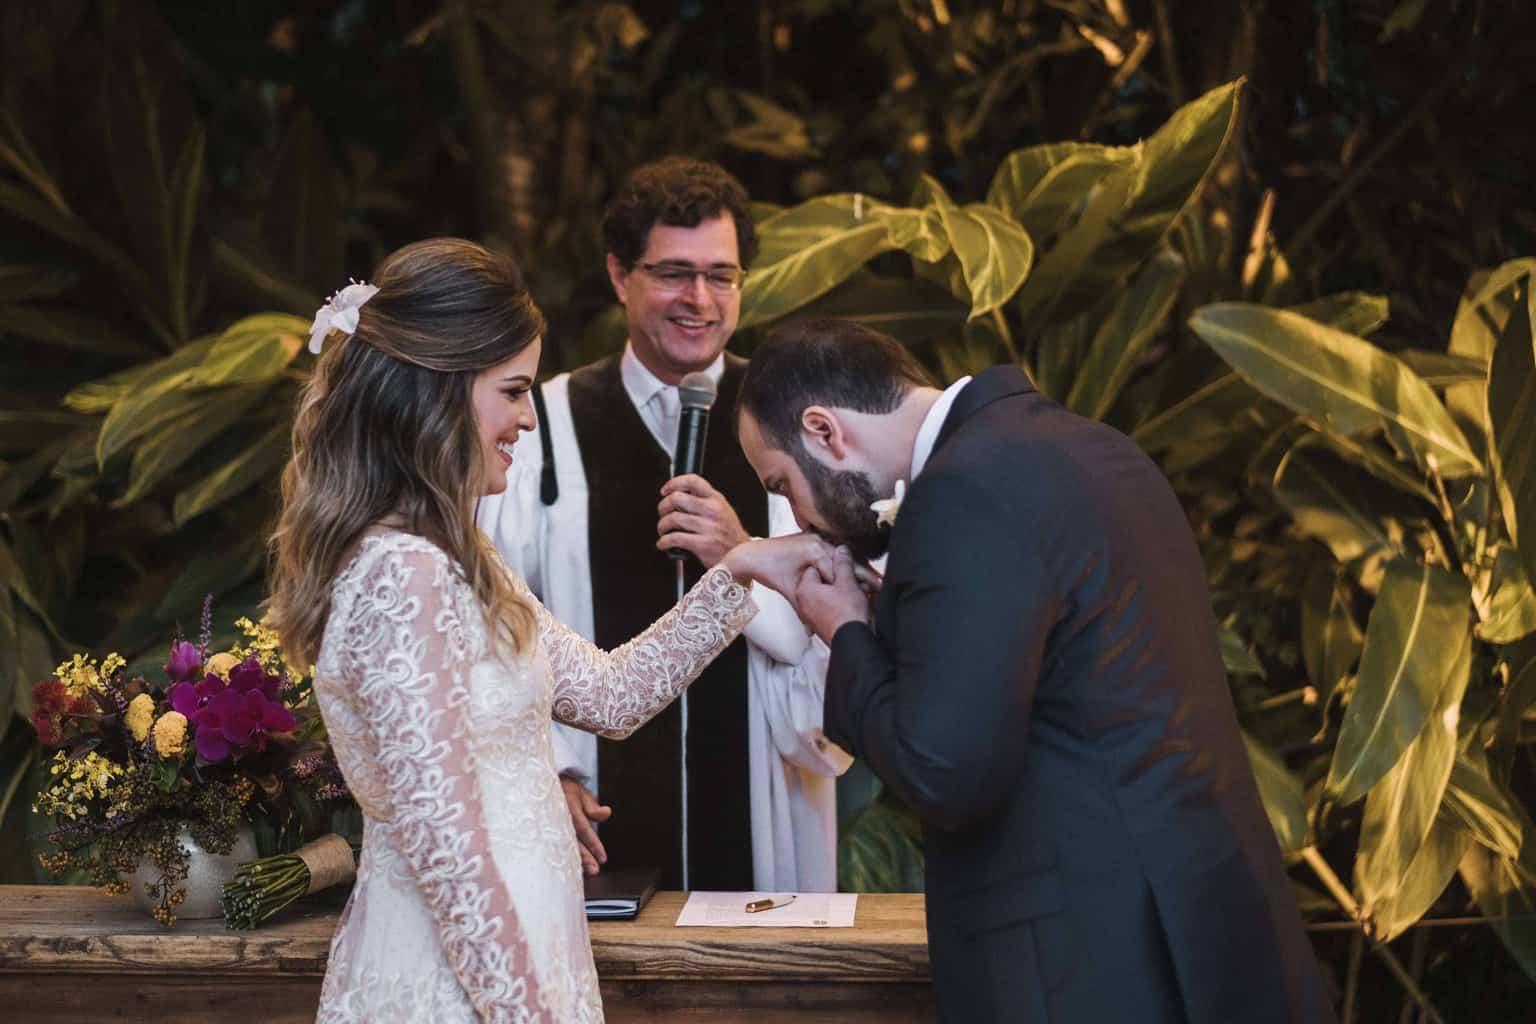 alianças-casamento-na-serra-cerimonia-ao-ar-livre-Fotografia-Renata-Xavier-Les-Amies-Cerimonial-Locanda-Della-Mimosa-Natalia-e-Bruno-noivos-no-altar458